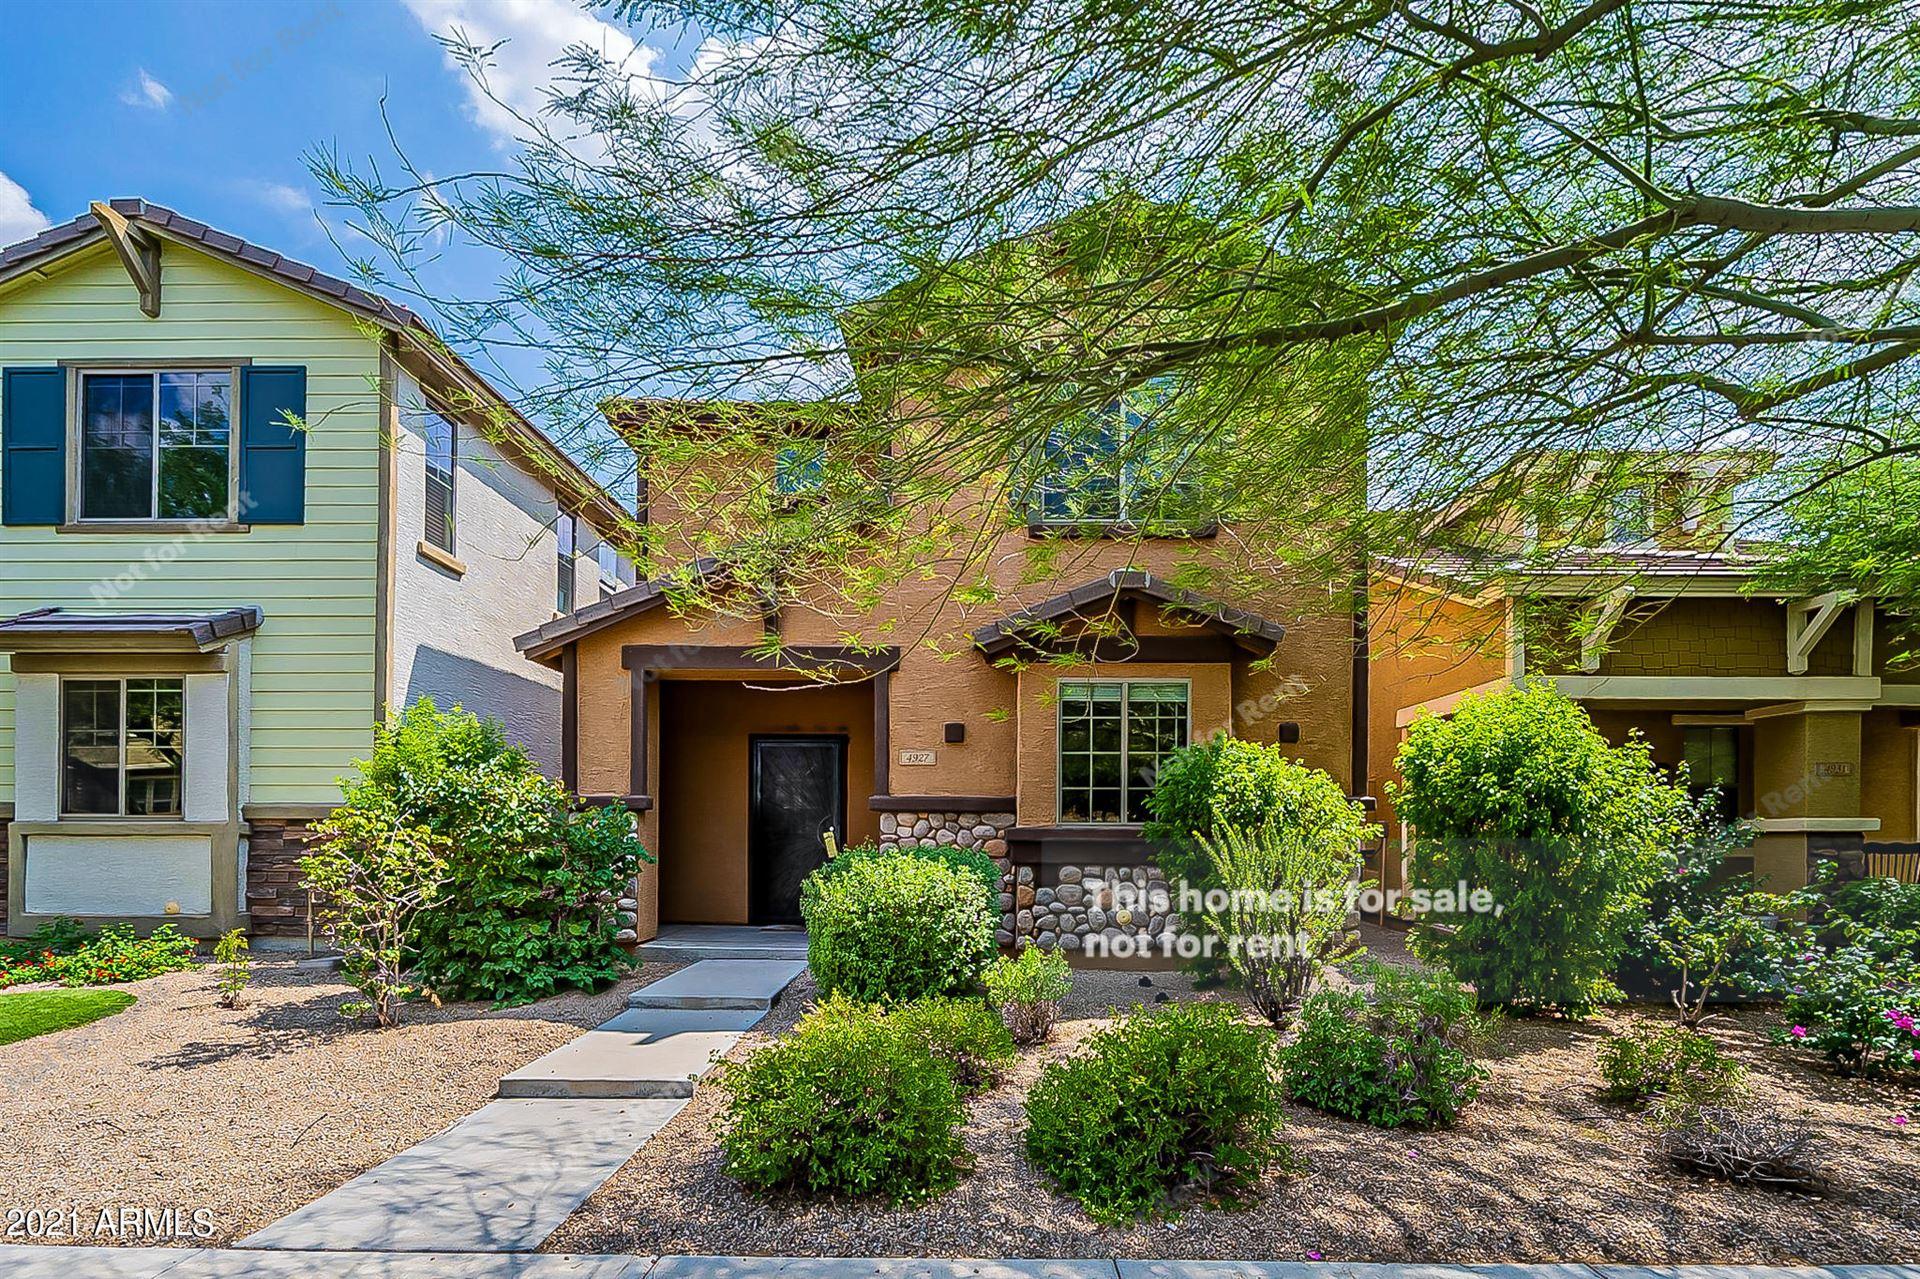 4927 W ESCUDA Drive, Glendale, AZ 85308 - MLS#: 6279457